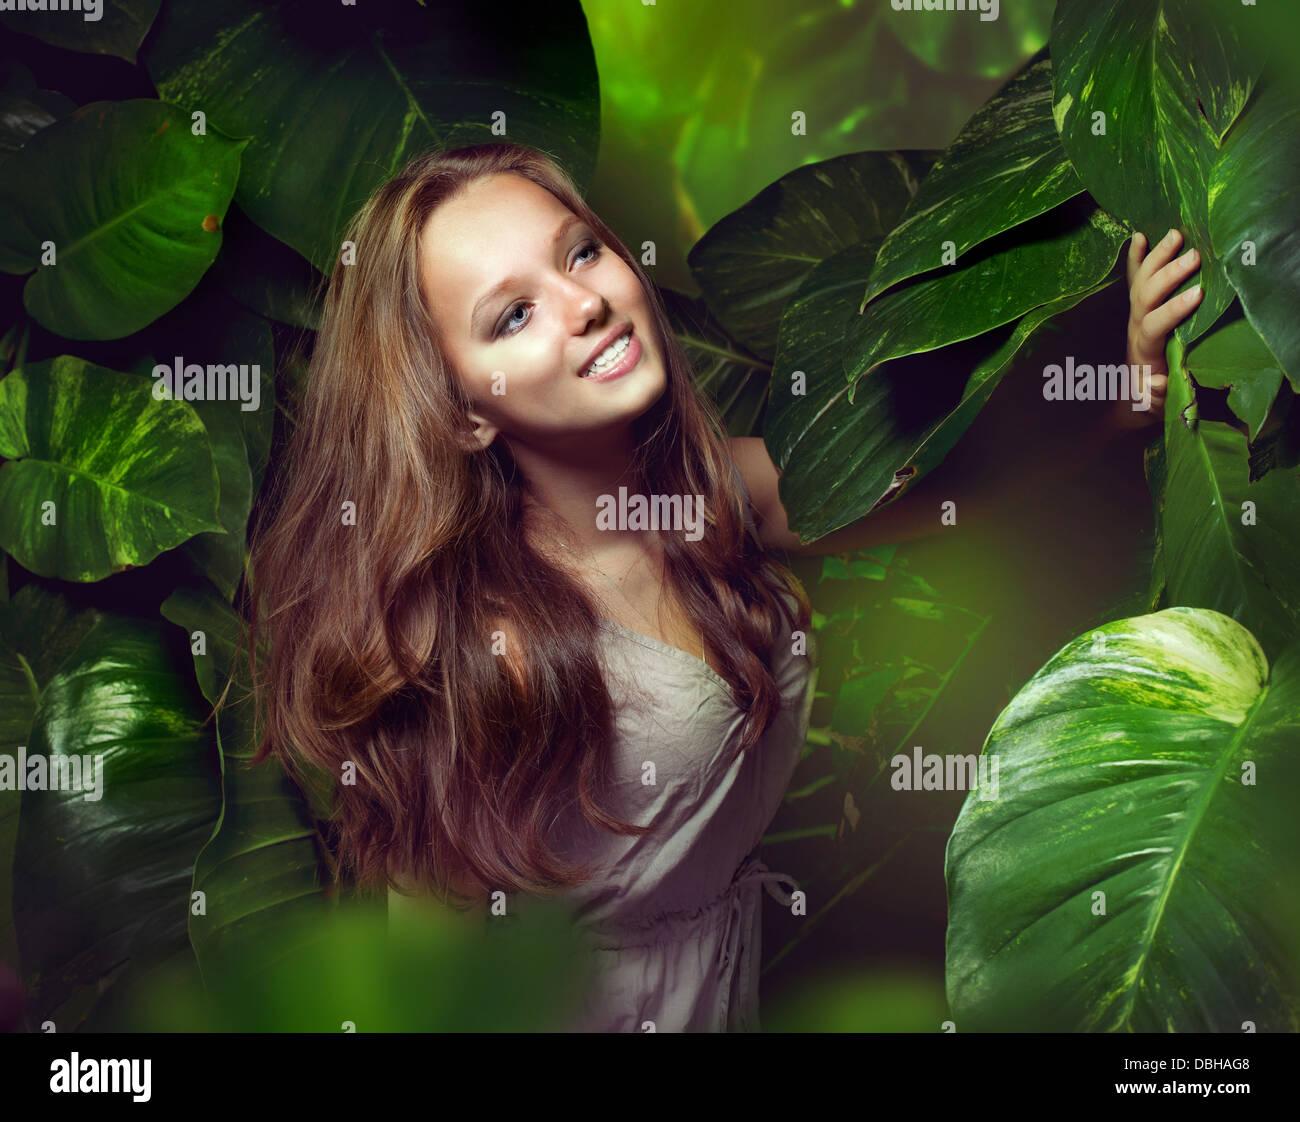 Beautiful Girl in Jungle - Stock Image